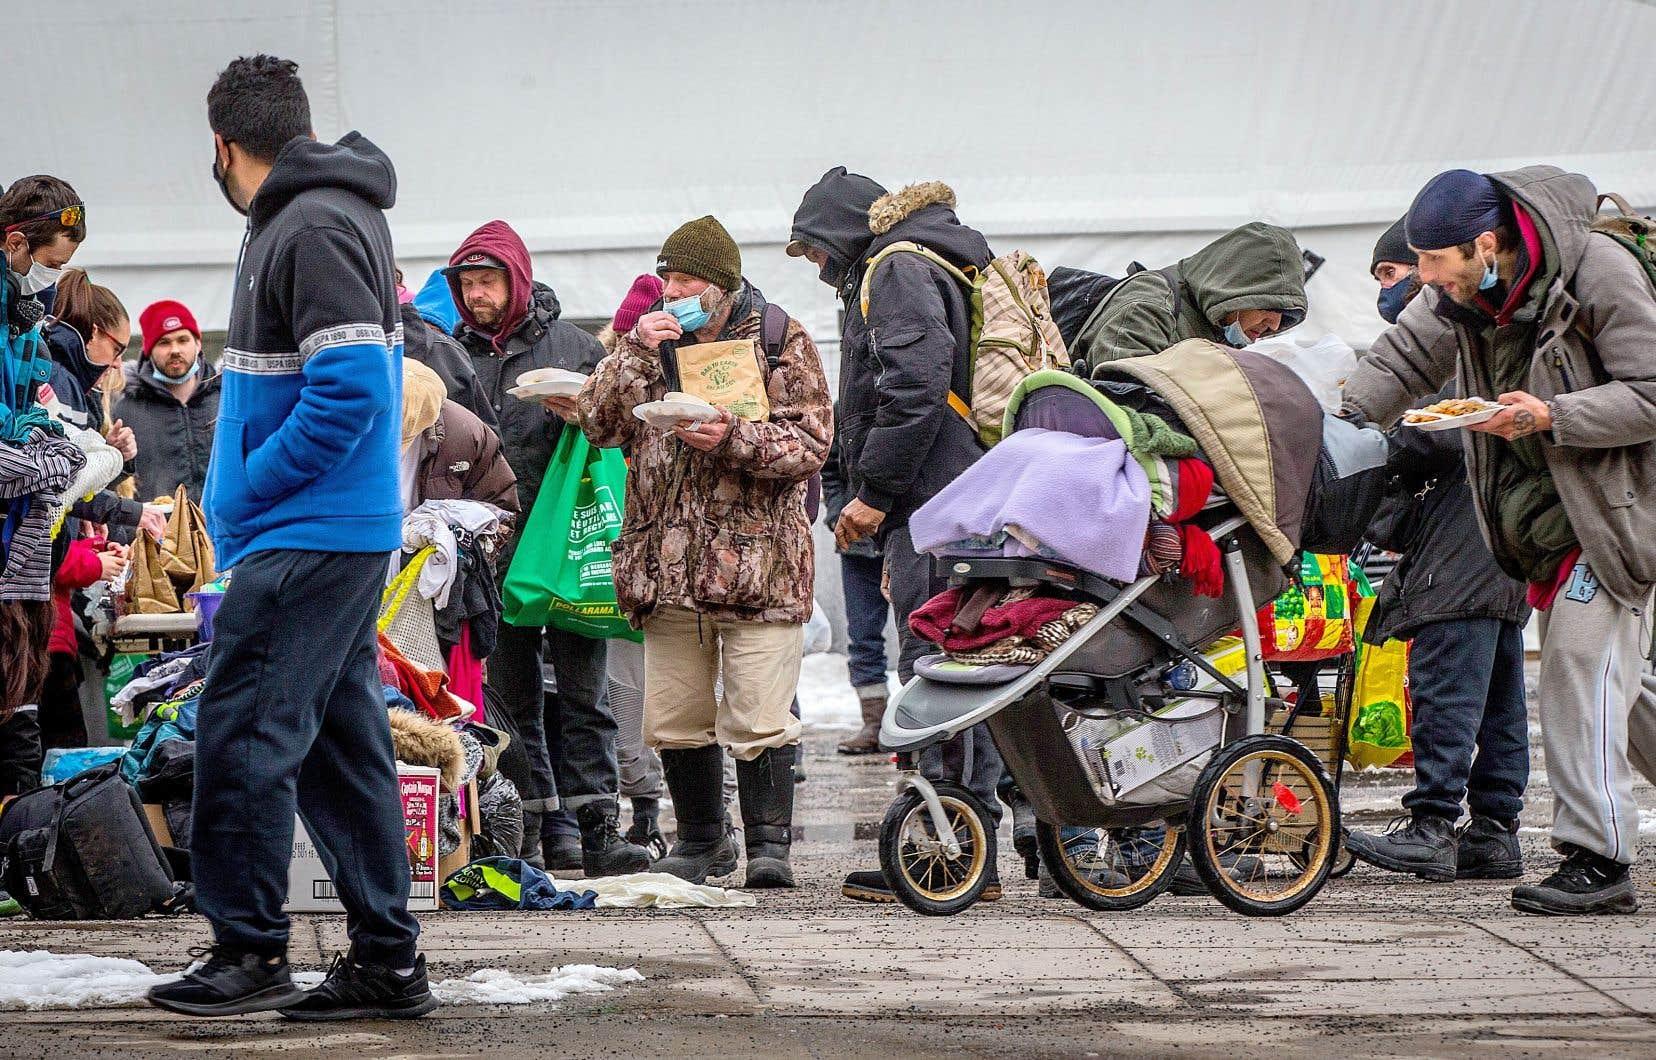 La pauvreté demeure le plus grand enjeu de toute société, selon Pierre Boivin. À plus forte raison avec la pandémie, qui a frappé de plein fouet les gens les moins fortunés.